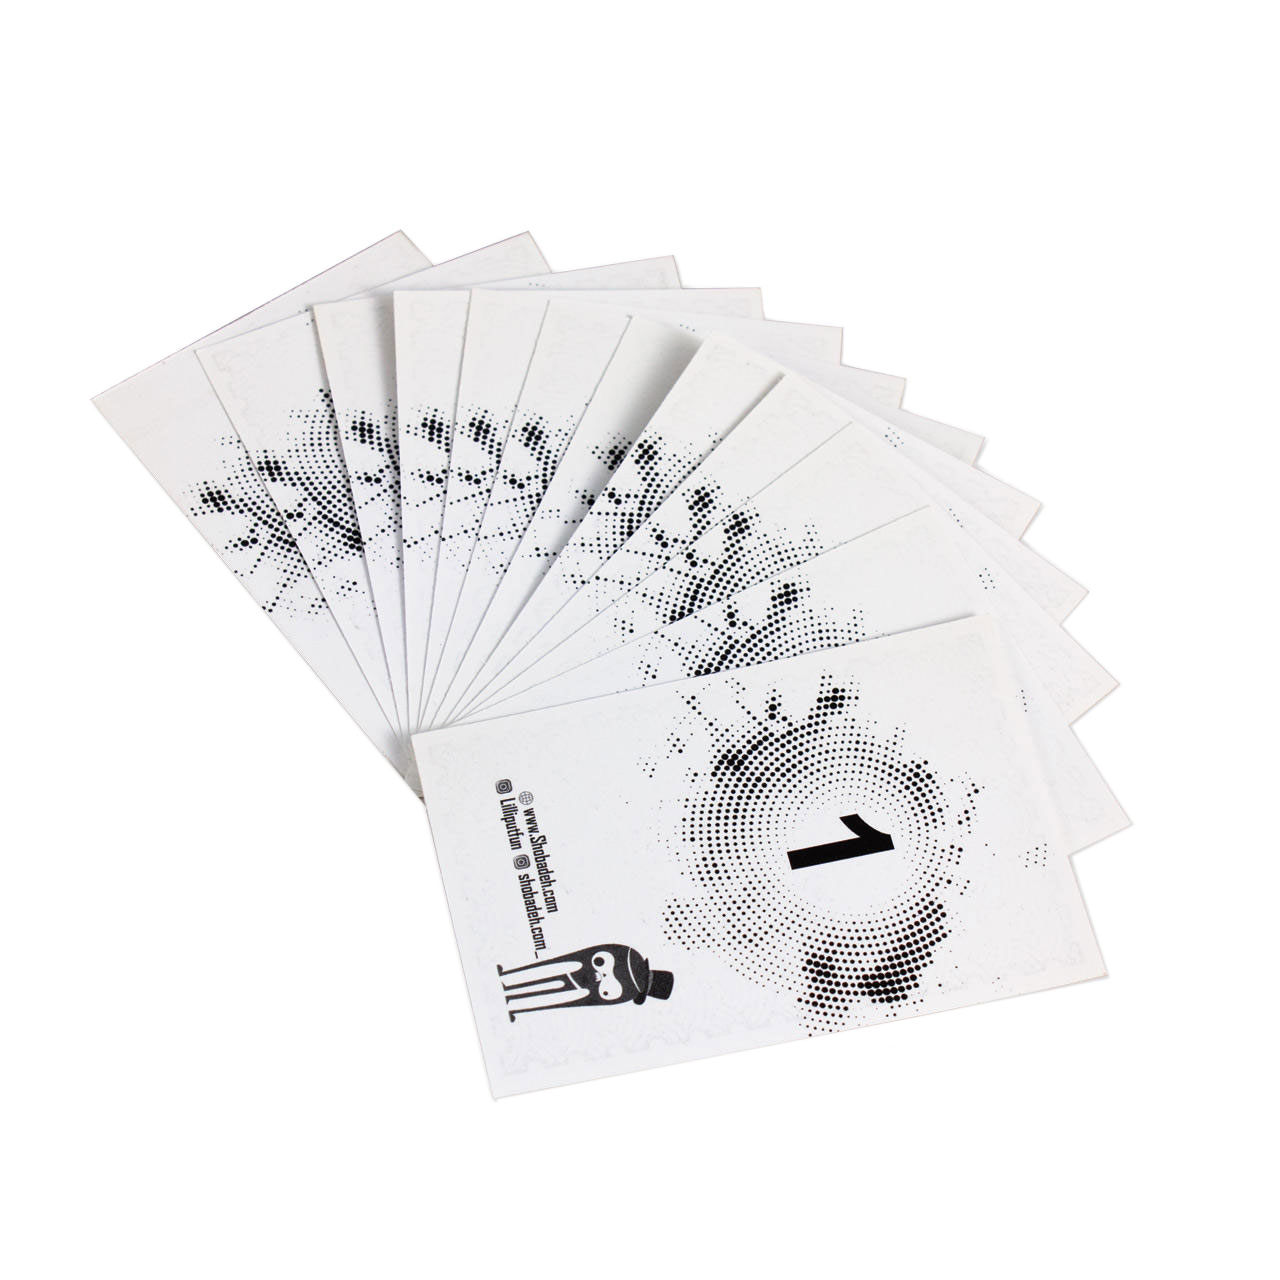 ابزار شعبده بازی طرح کارت خورشید کد 01 بسته 13 عددی